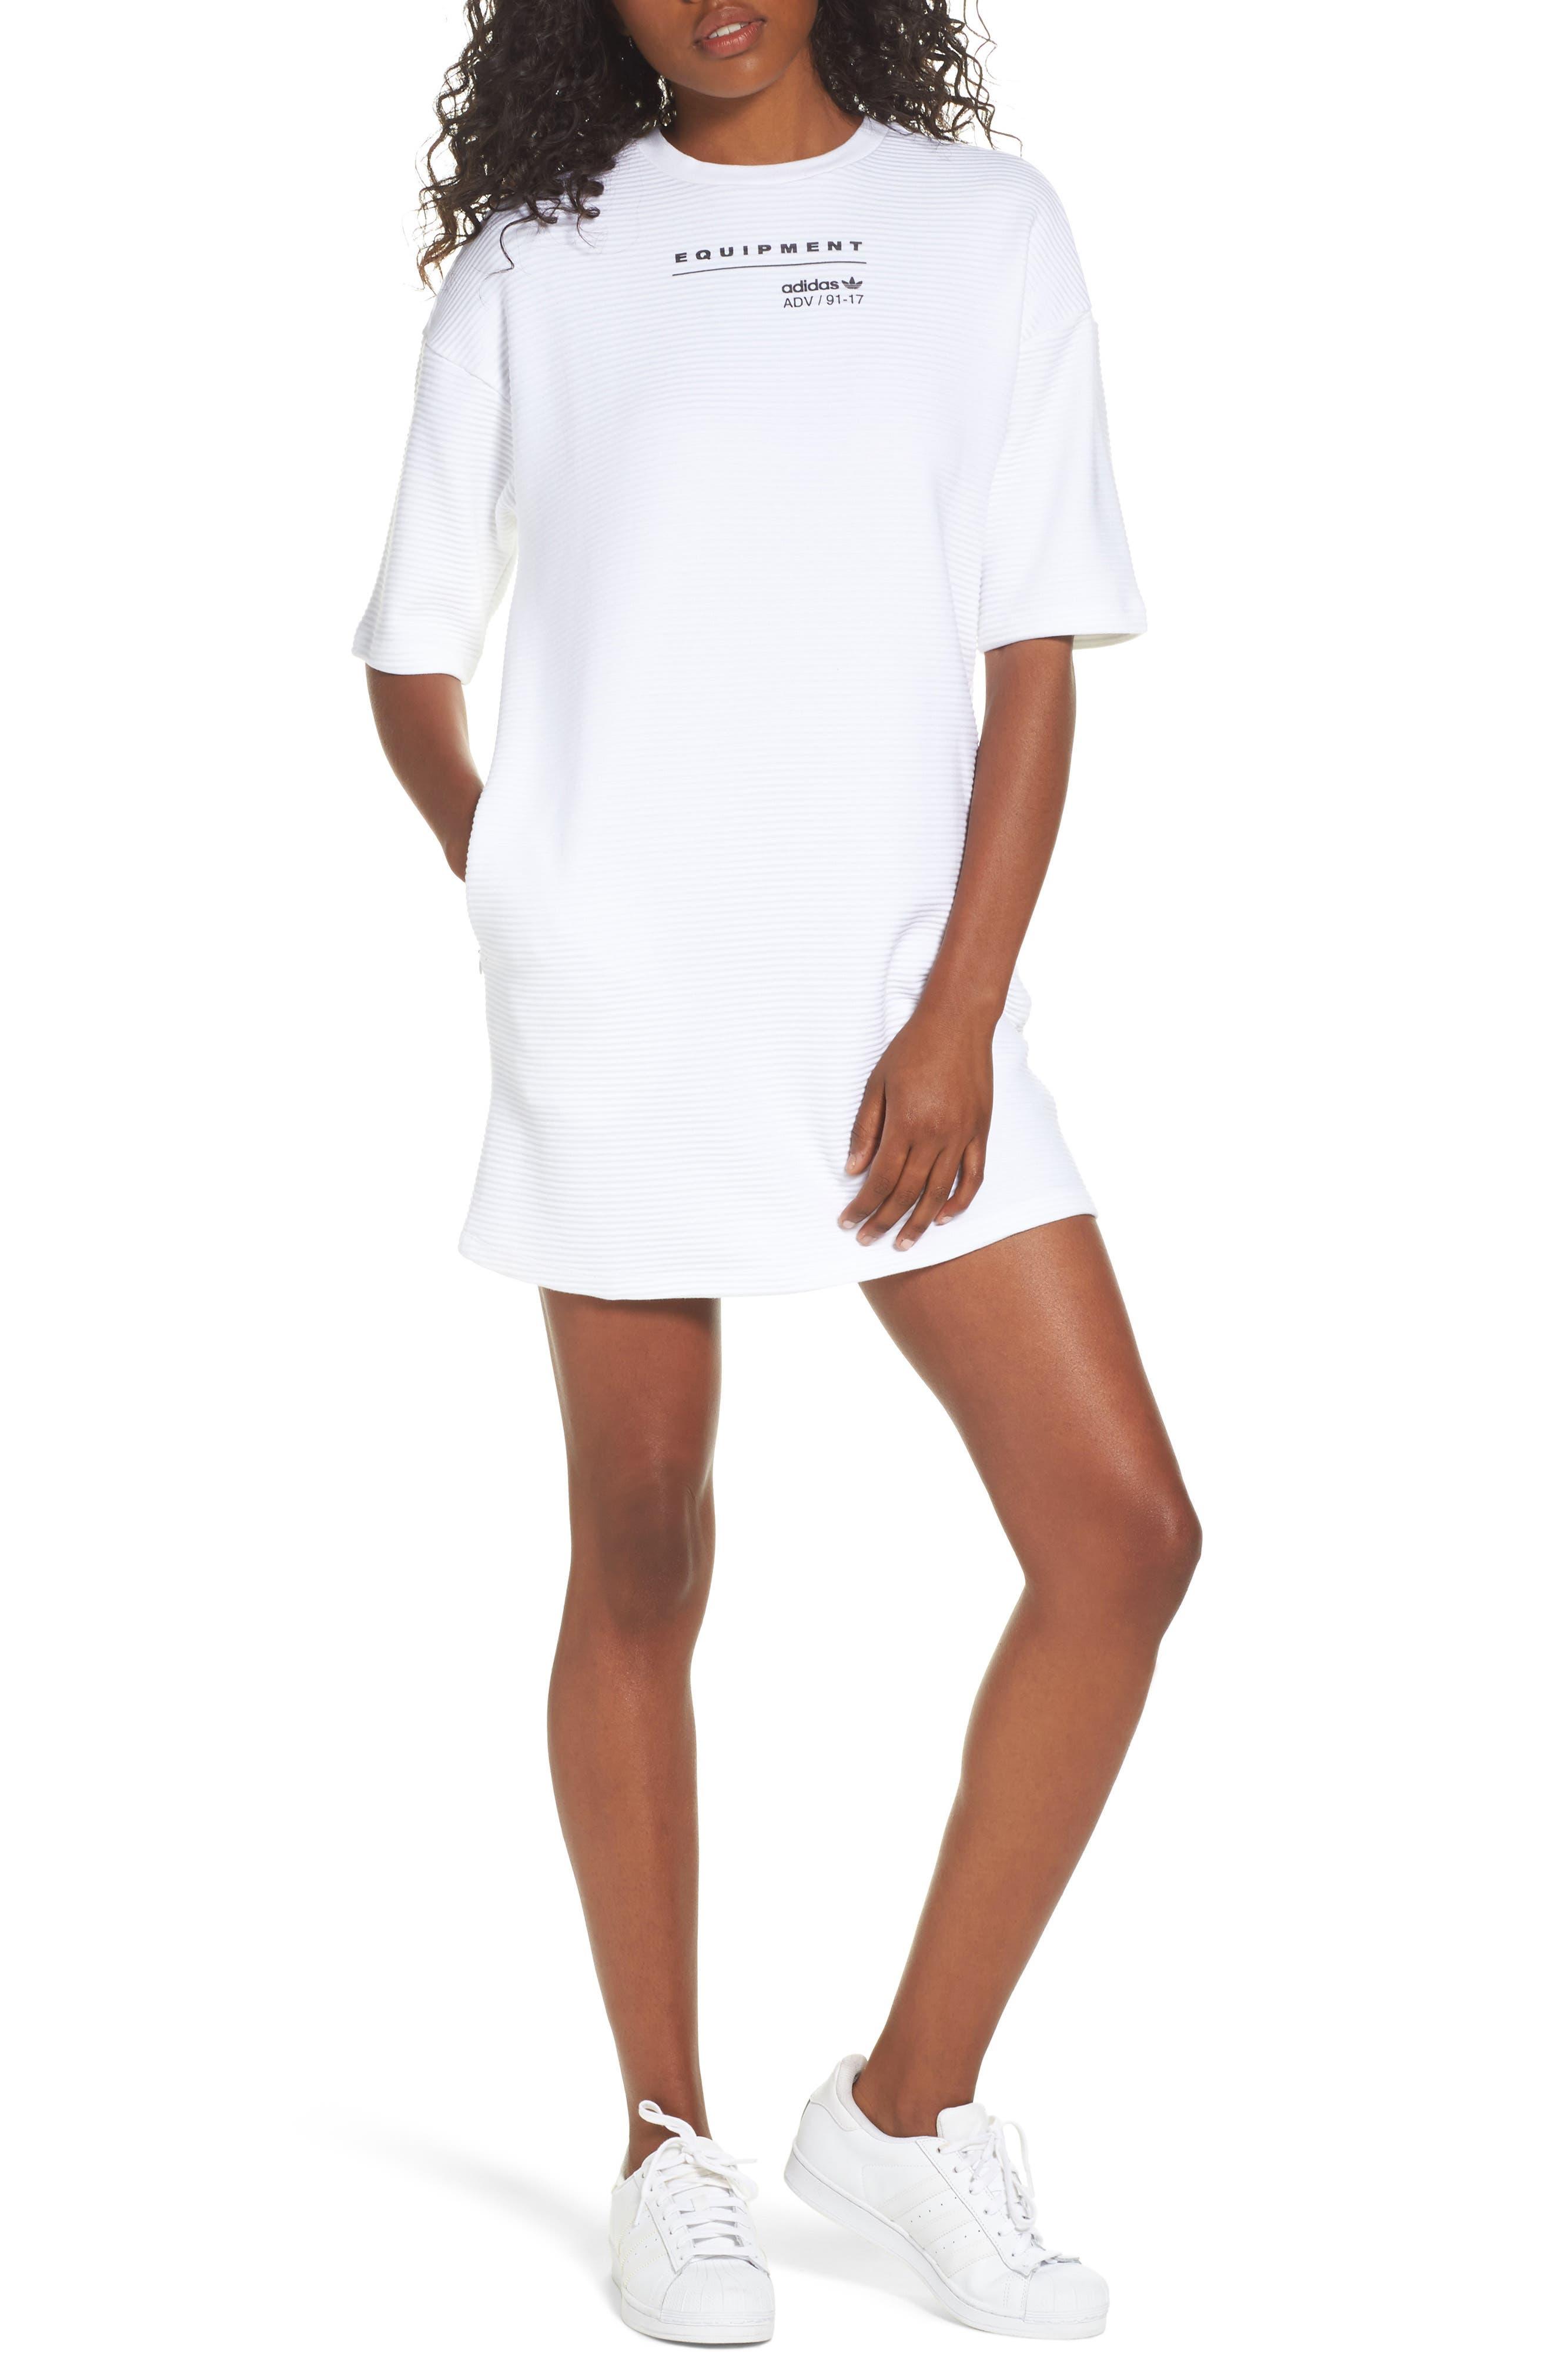 adidas Originals EQT T-Shirt Dress